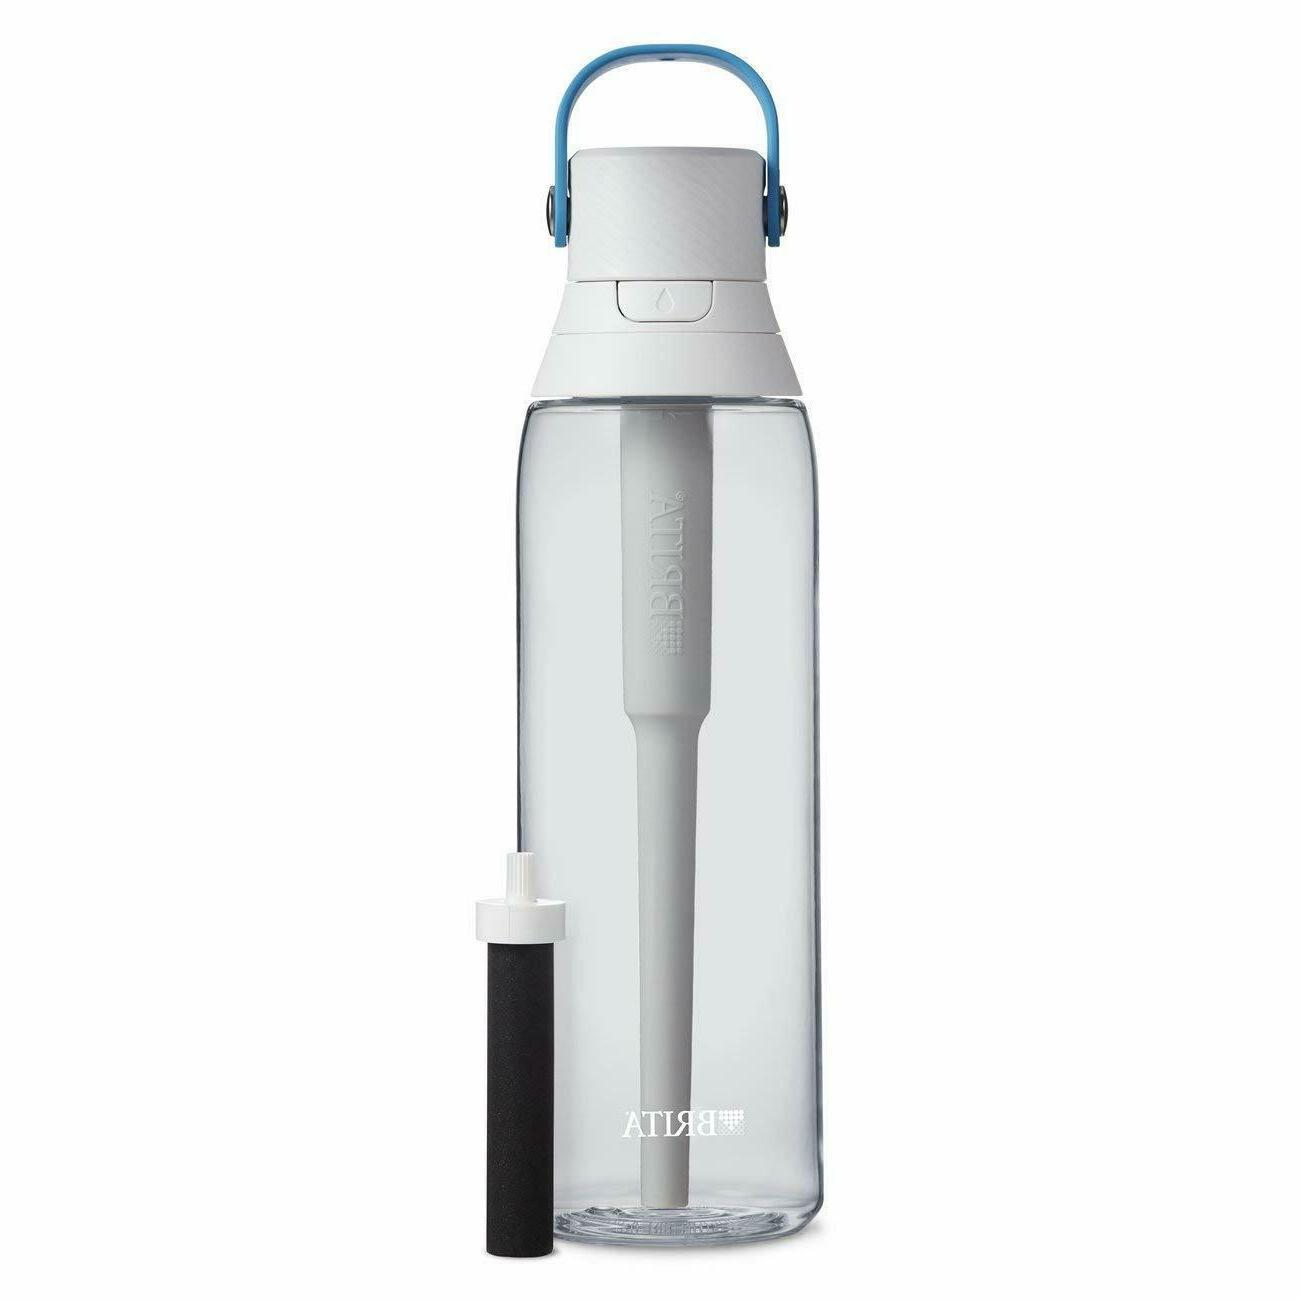 Brita 26 Ounce Filtering Filter BPA